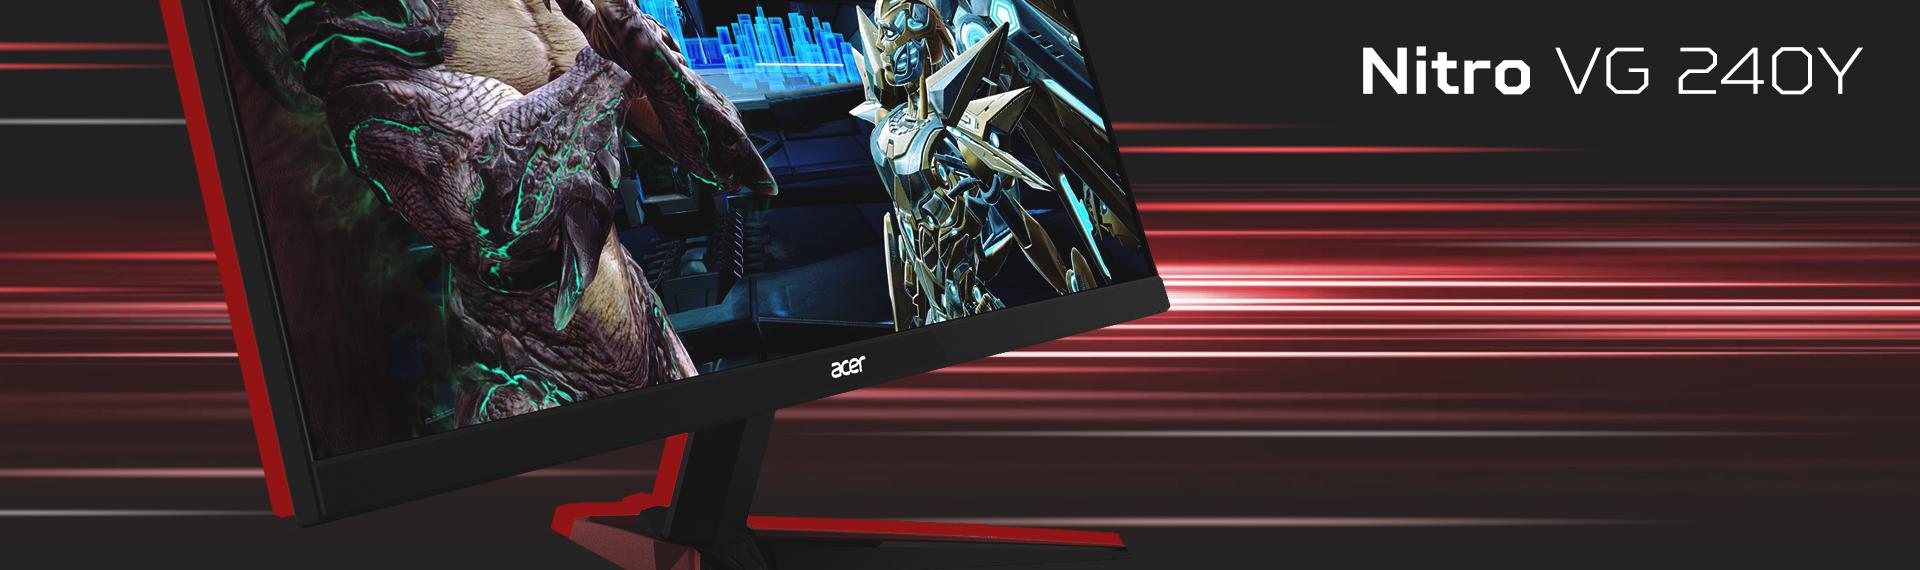 Deretan Produk Nitro VG Series untuk Teman Gaming di 2019!